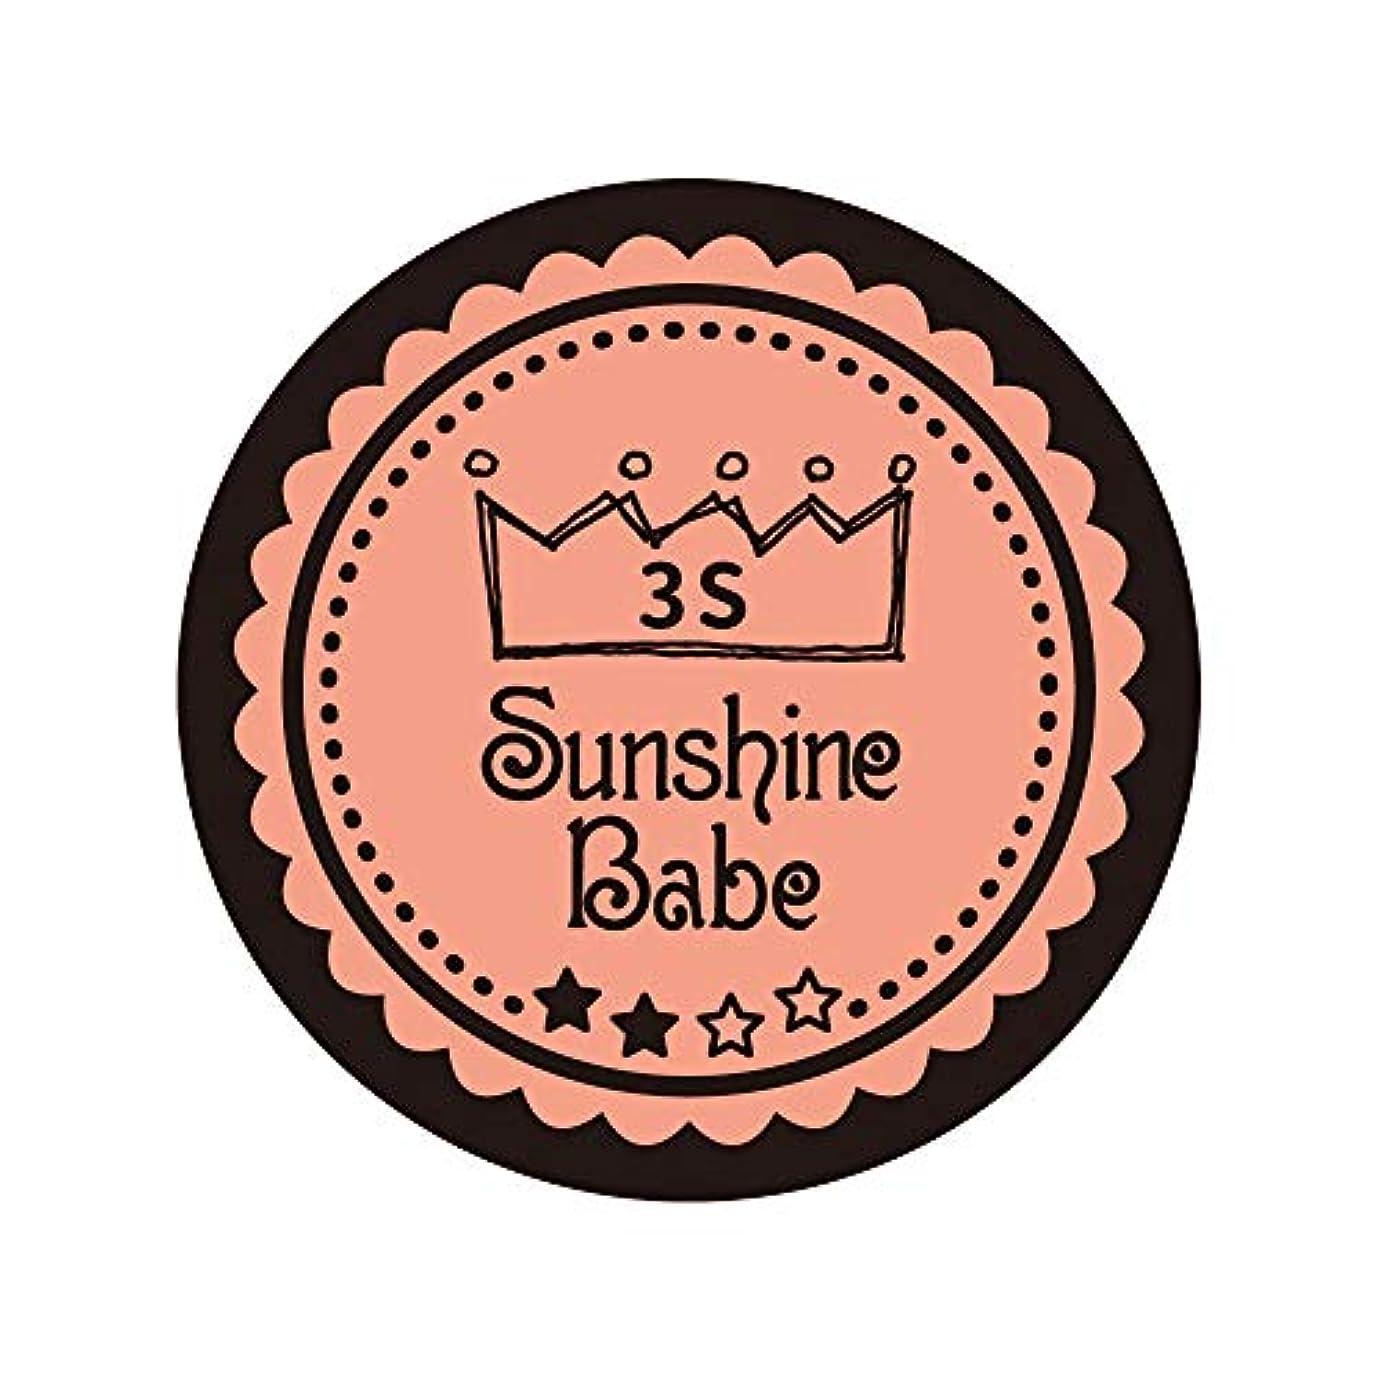 茎樫の木エステートSunshine Babe カラージェル 3S ブルーミングダリア 2.7g UV/LED対応